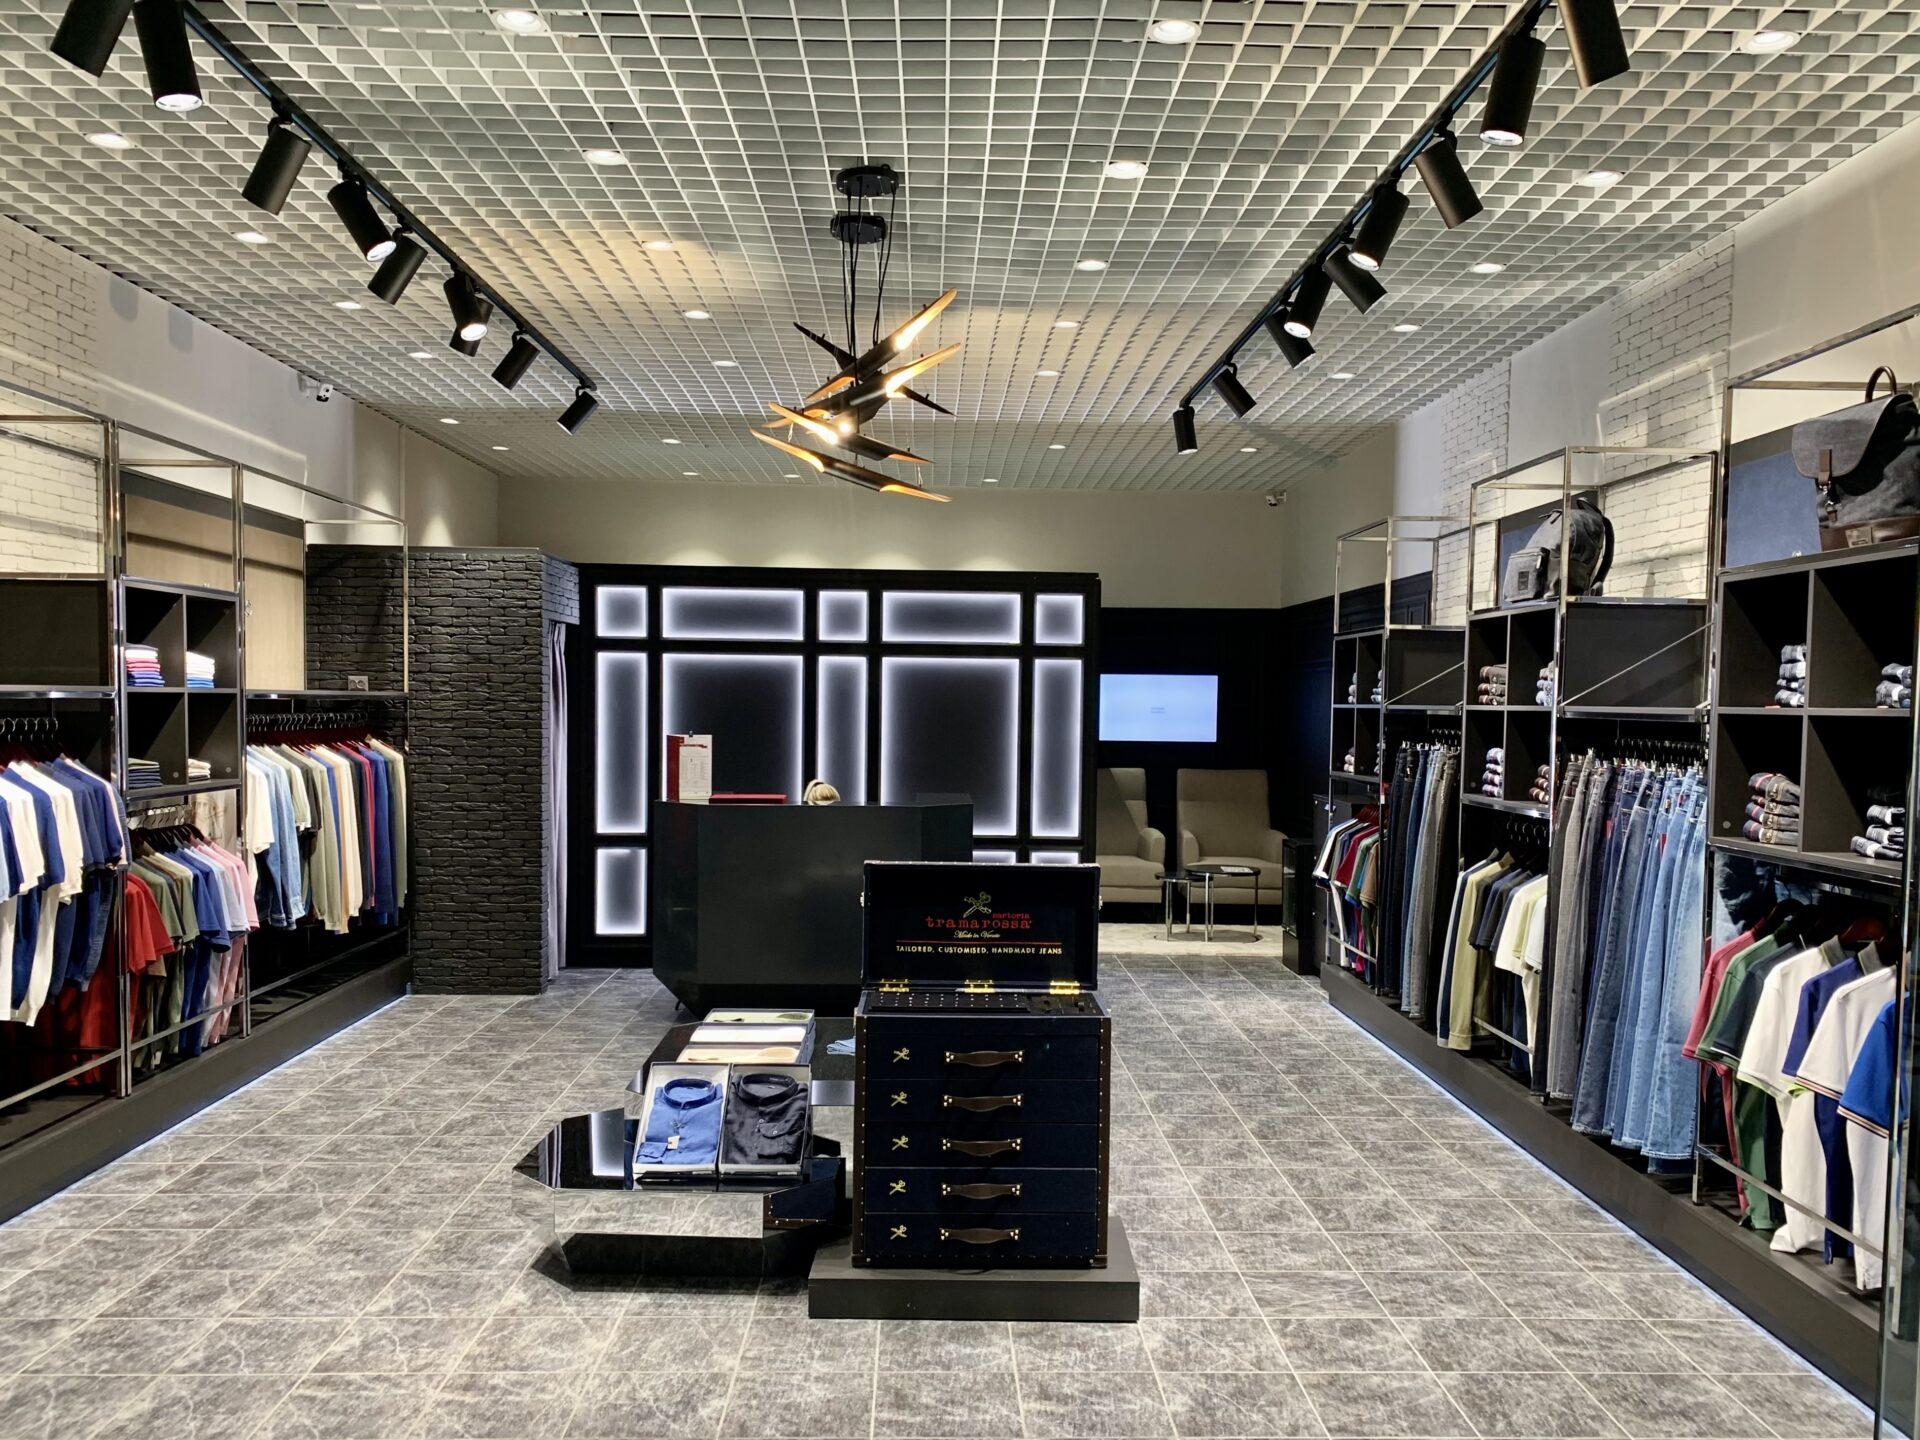 мебель для магазина, мебельдля магазина одежды, магазин duran, торговое оборудовани на заказ, дизайн магазина одежды, дизайн интерьера магазина, дизайн шоурума, ресепшен в магазине, витрины в магазине одежды,